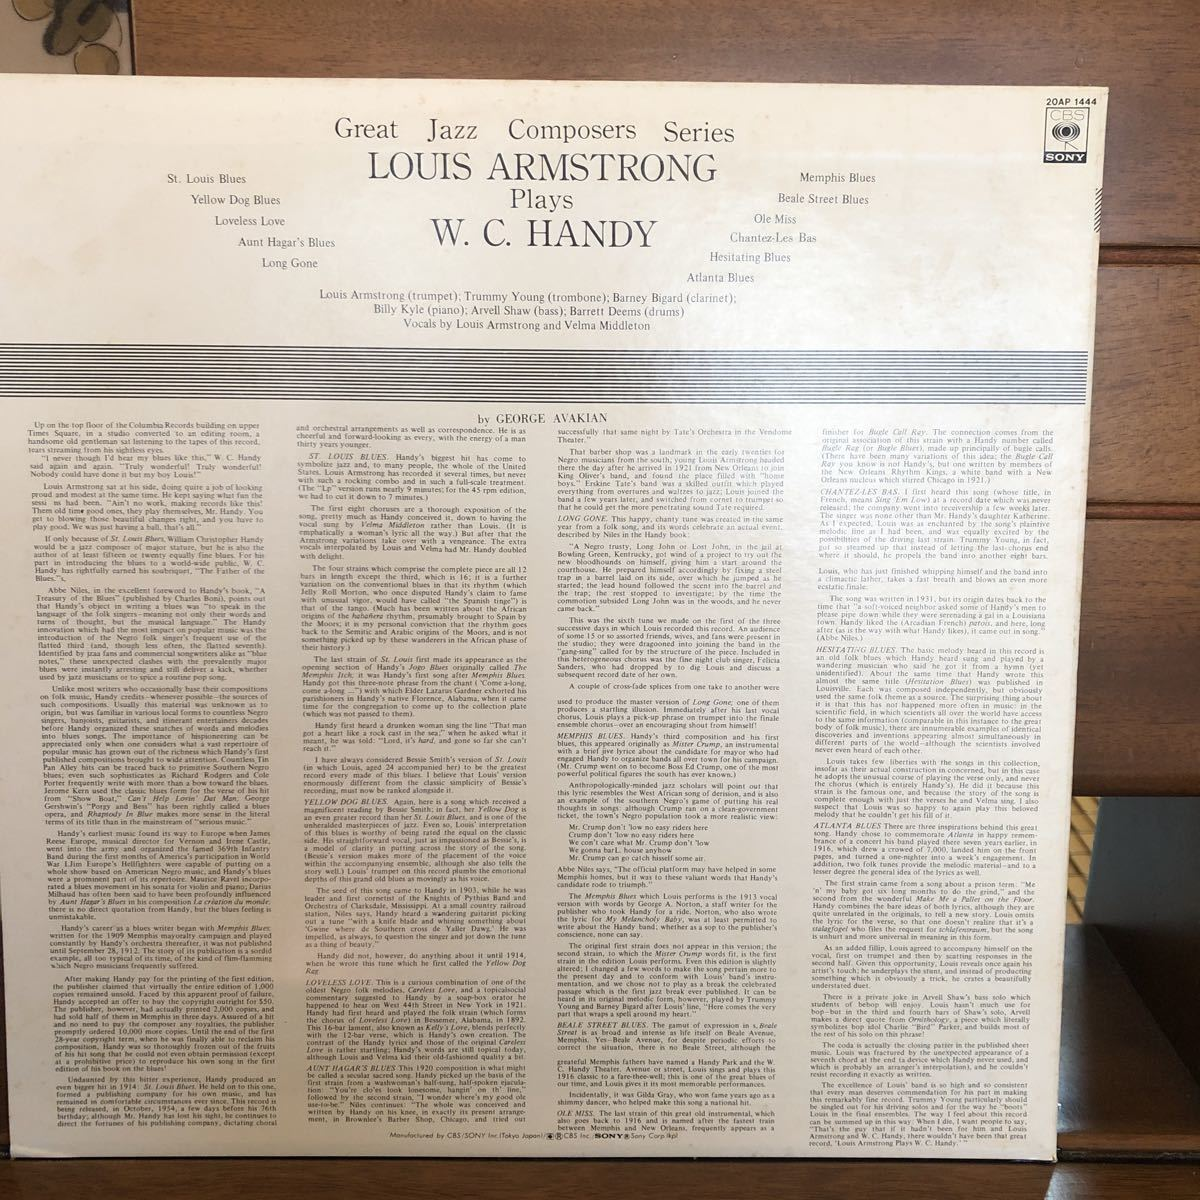 中さん★LPレコード★JAZZ★ルイ・アームストロング ★W.C.HANDY★レコード多数出品中★紙ジャケ _画像7